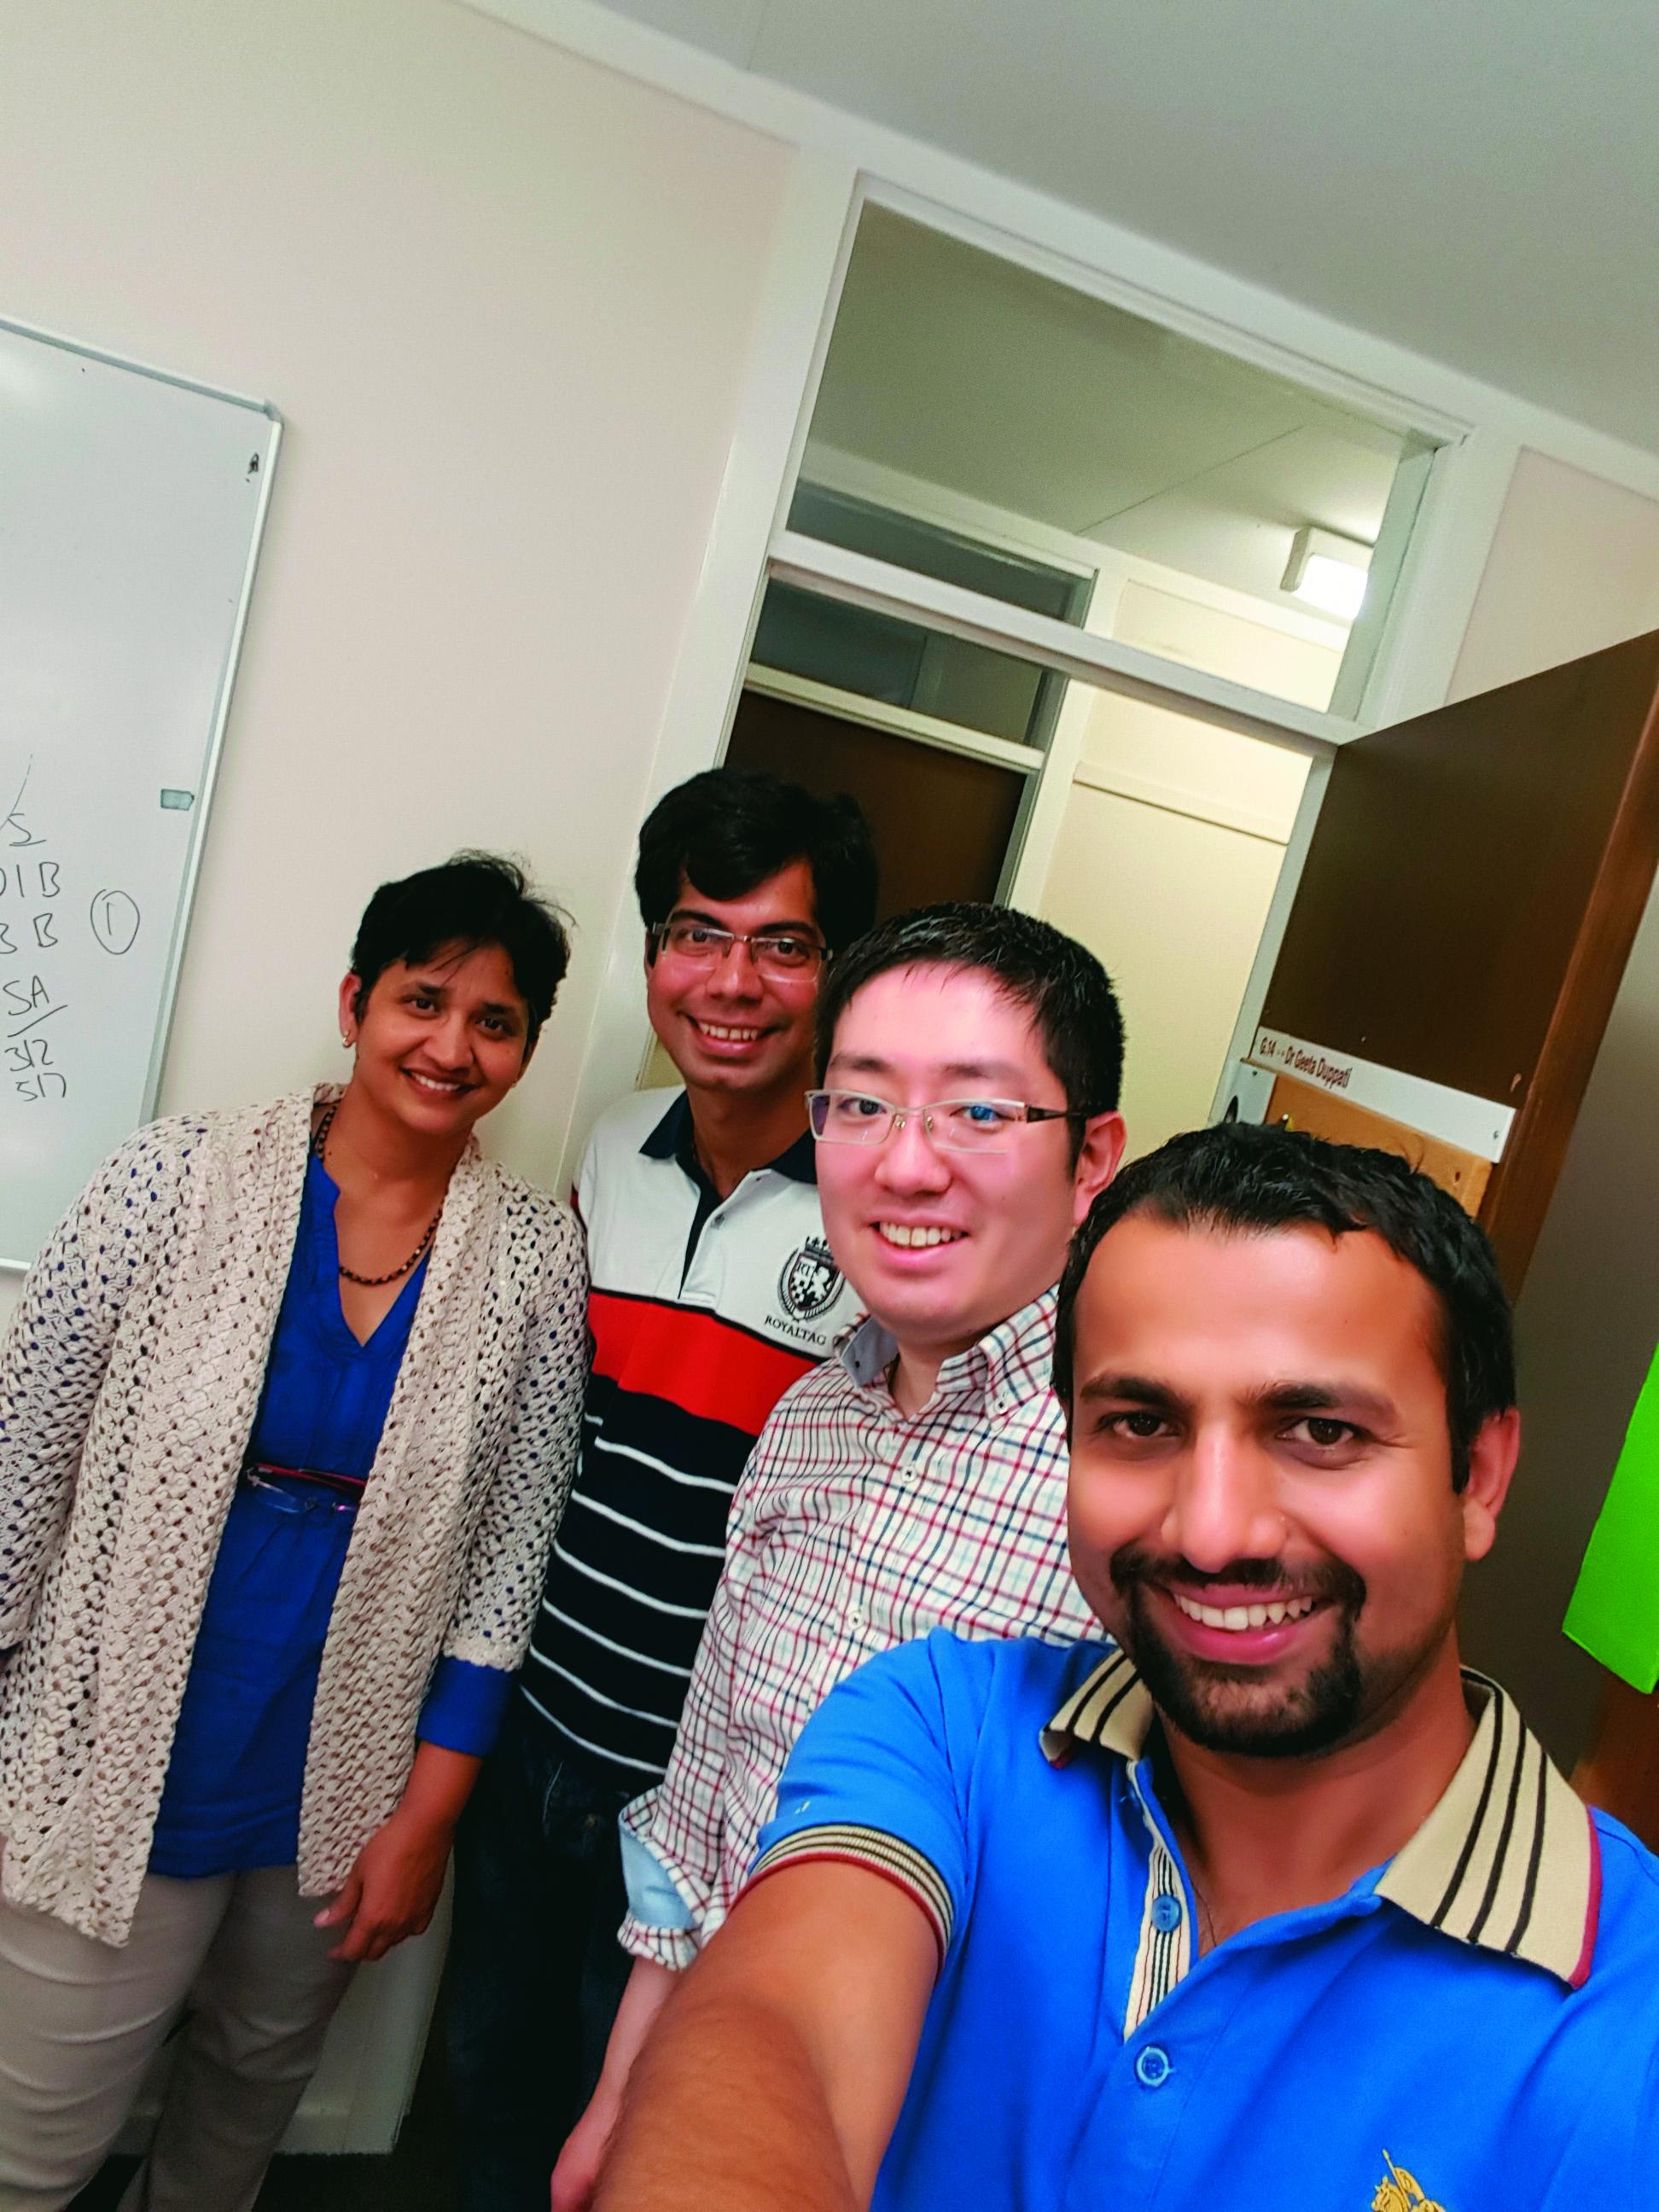 ワイカト大学(ニュージーランド)の研究室にて:共同研究者のDr. Geeta Duppati(左端)と研究室内の大学院生と一緒に